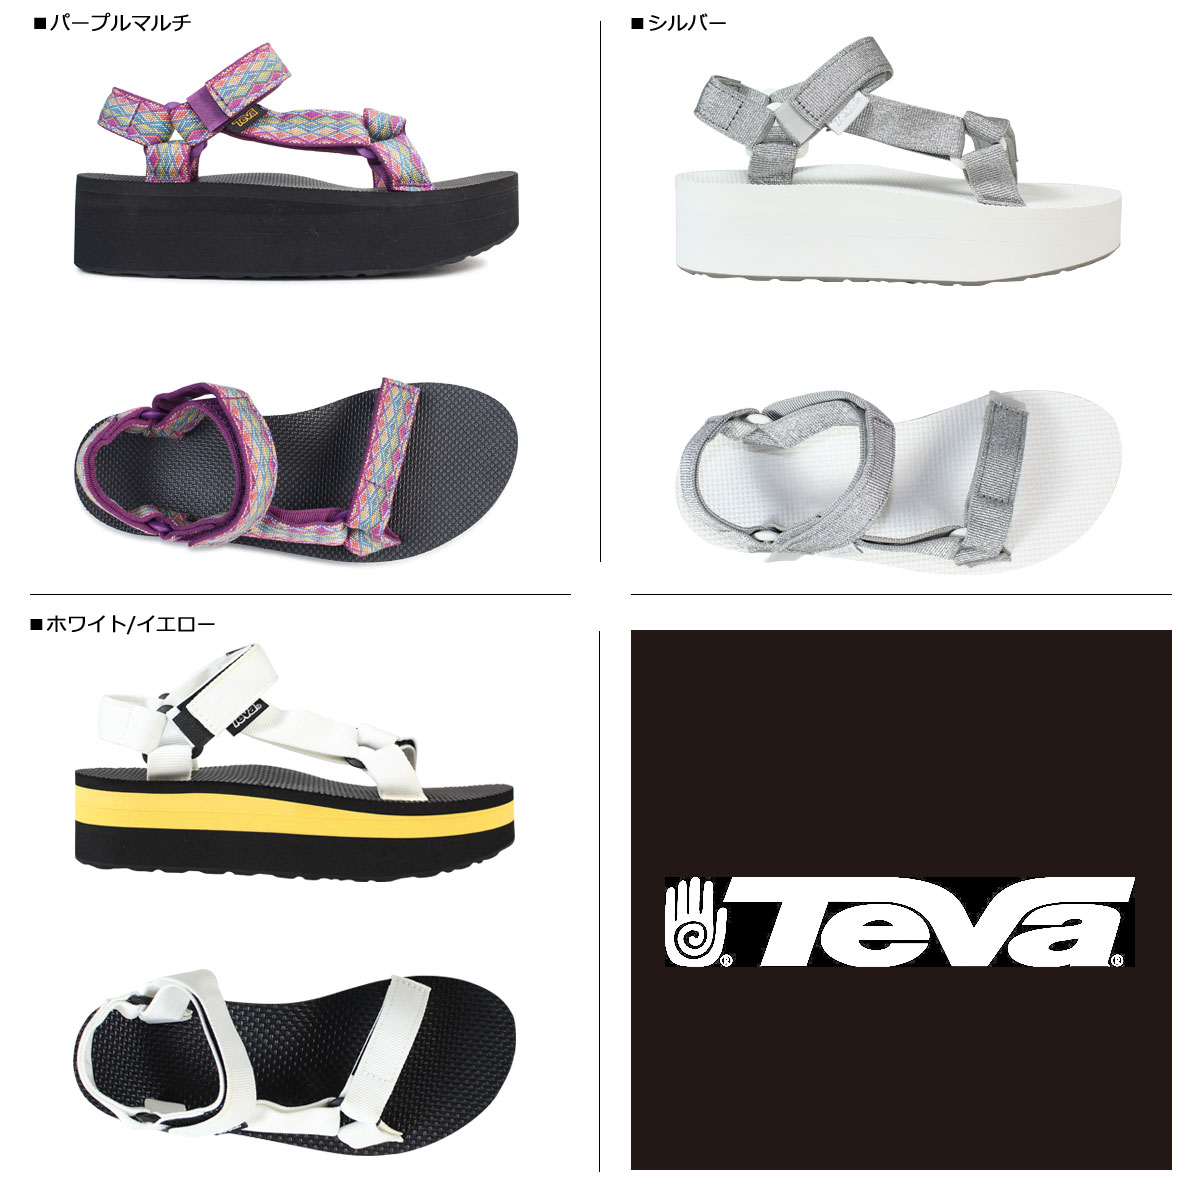 Teva Teva 涼鞋婦女平面表單普遍 W 平臺通用 1008844 厚底